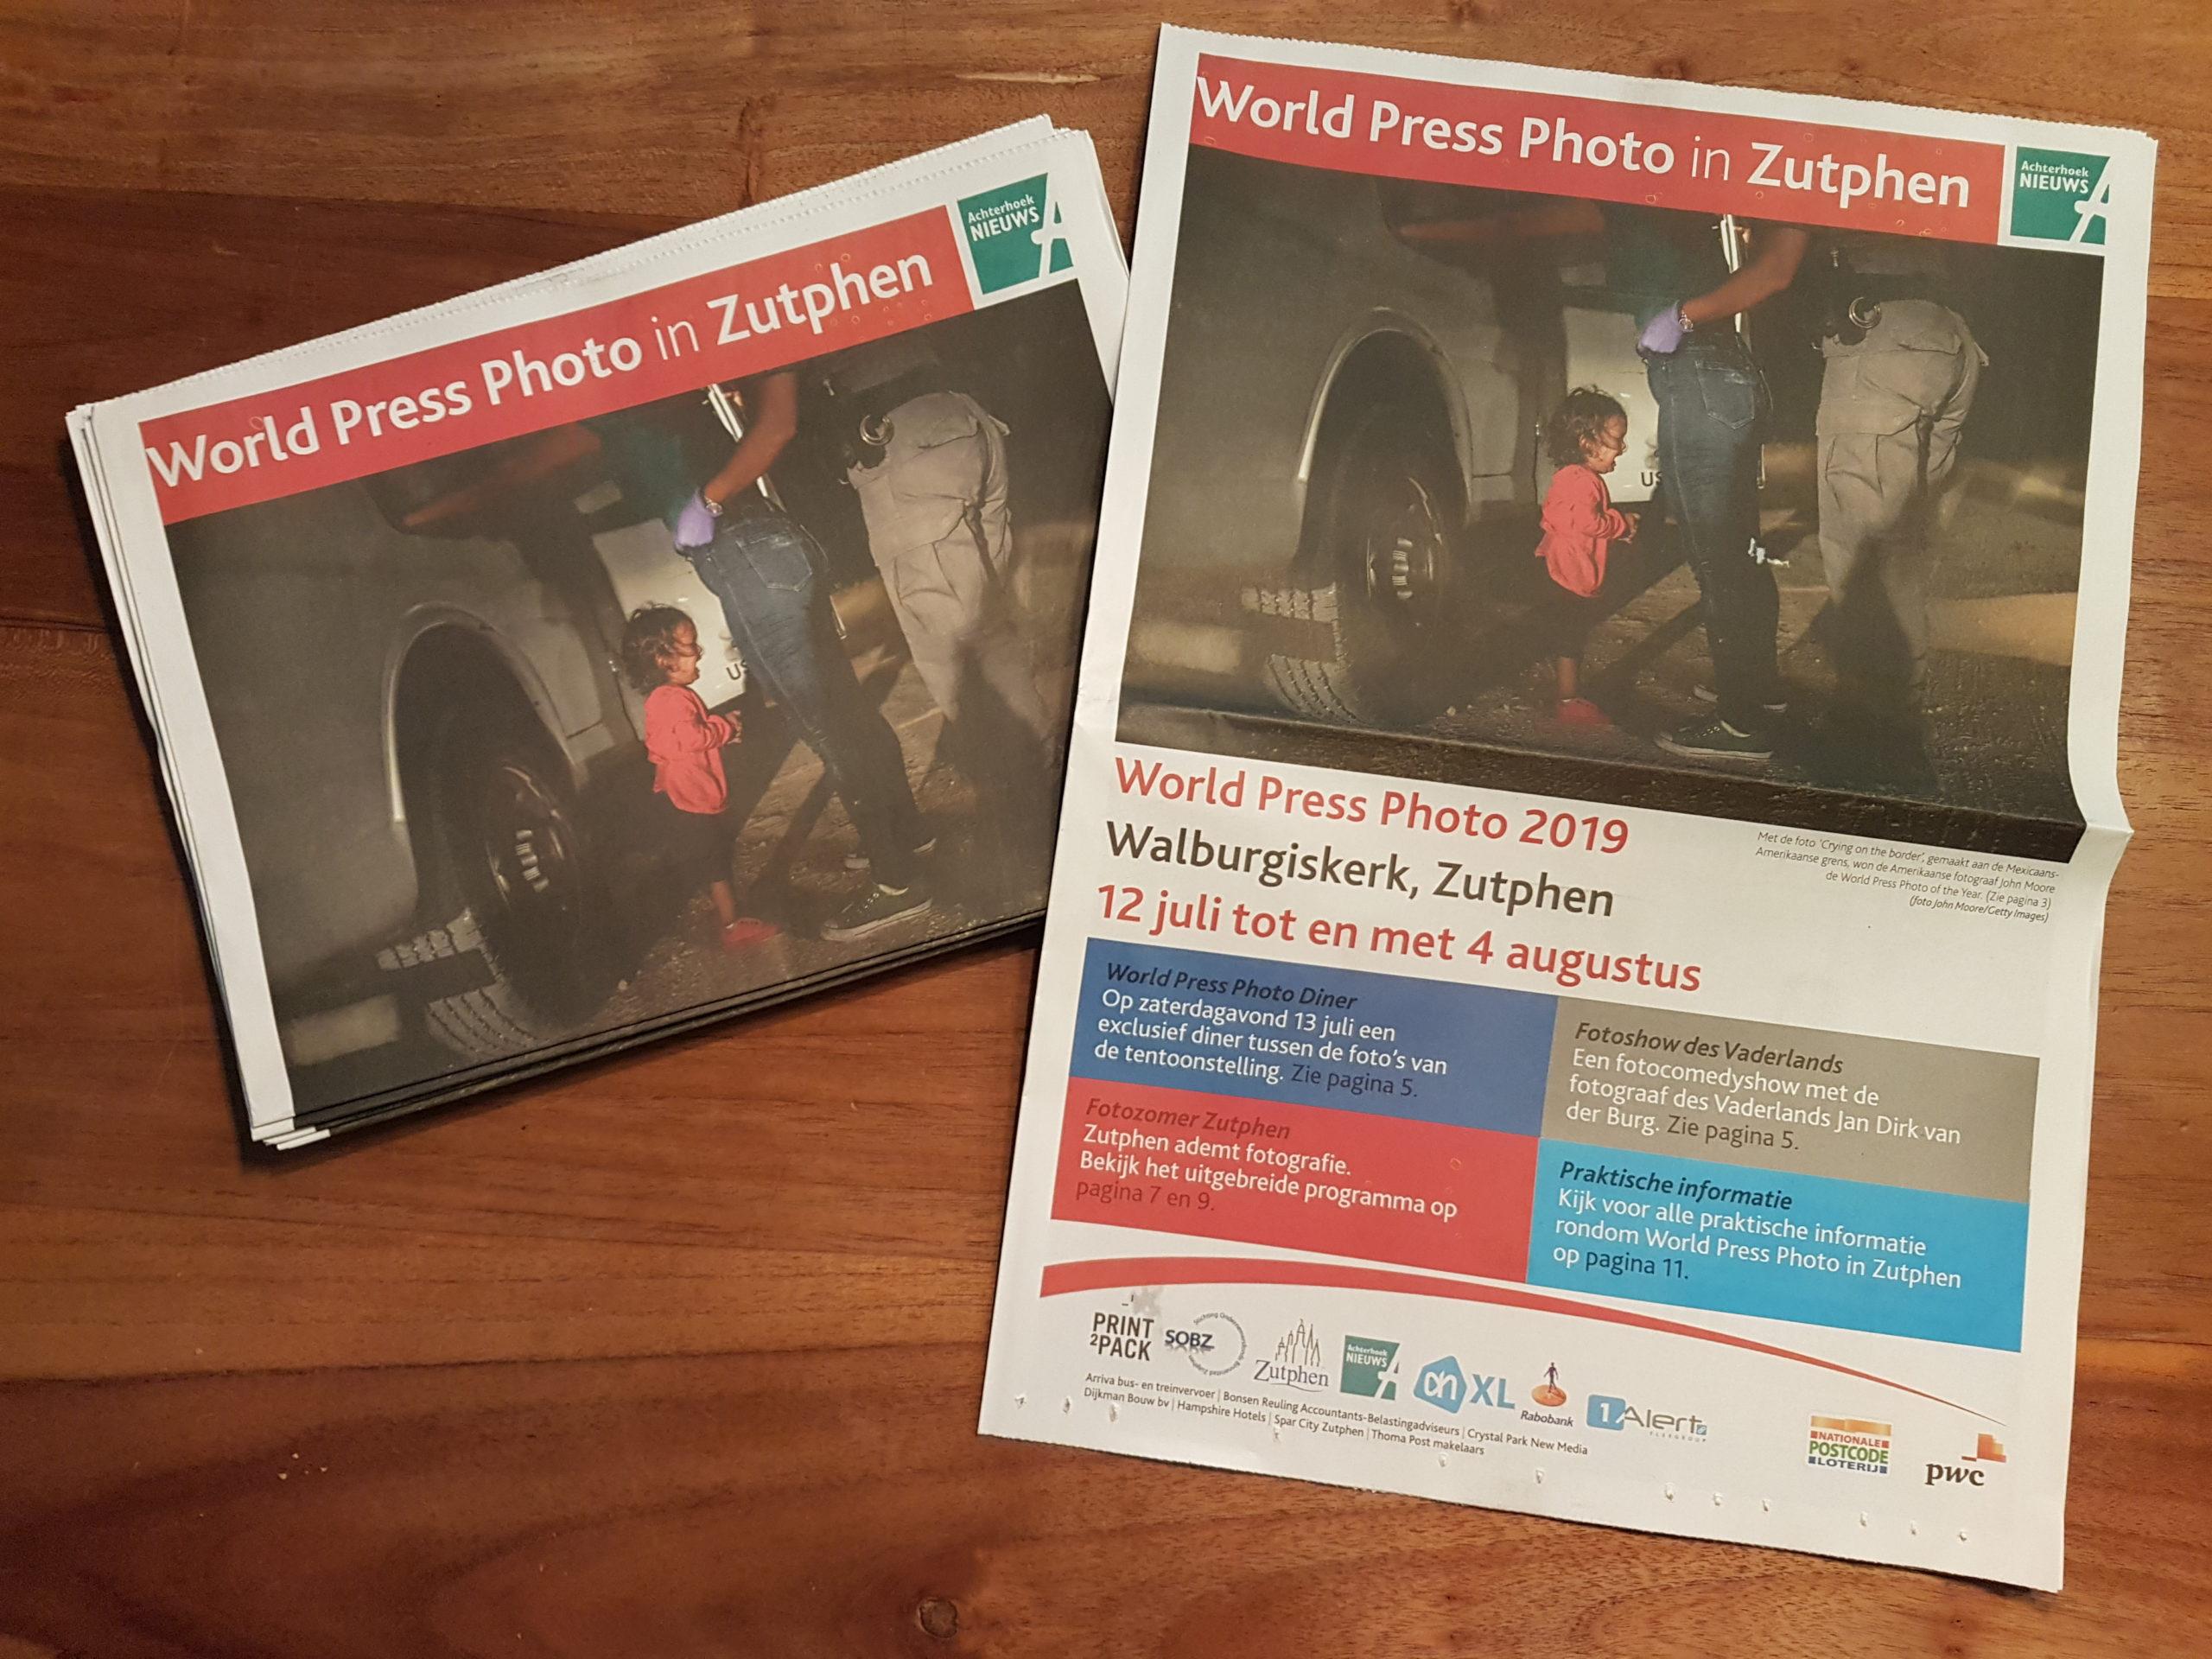 Speciale krant World Press Photo 2019 in Zutphen